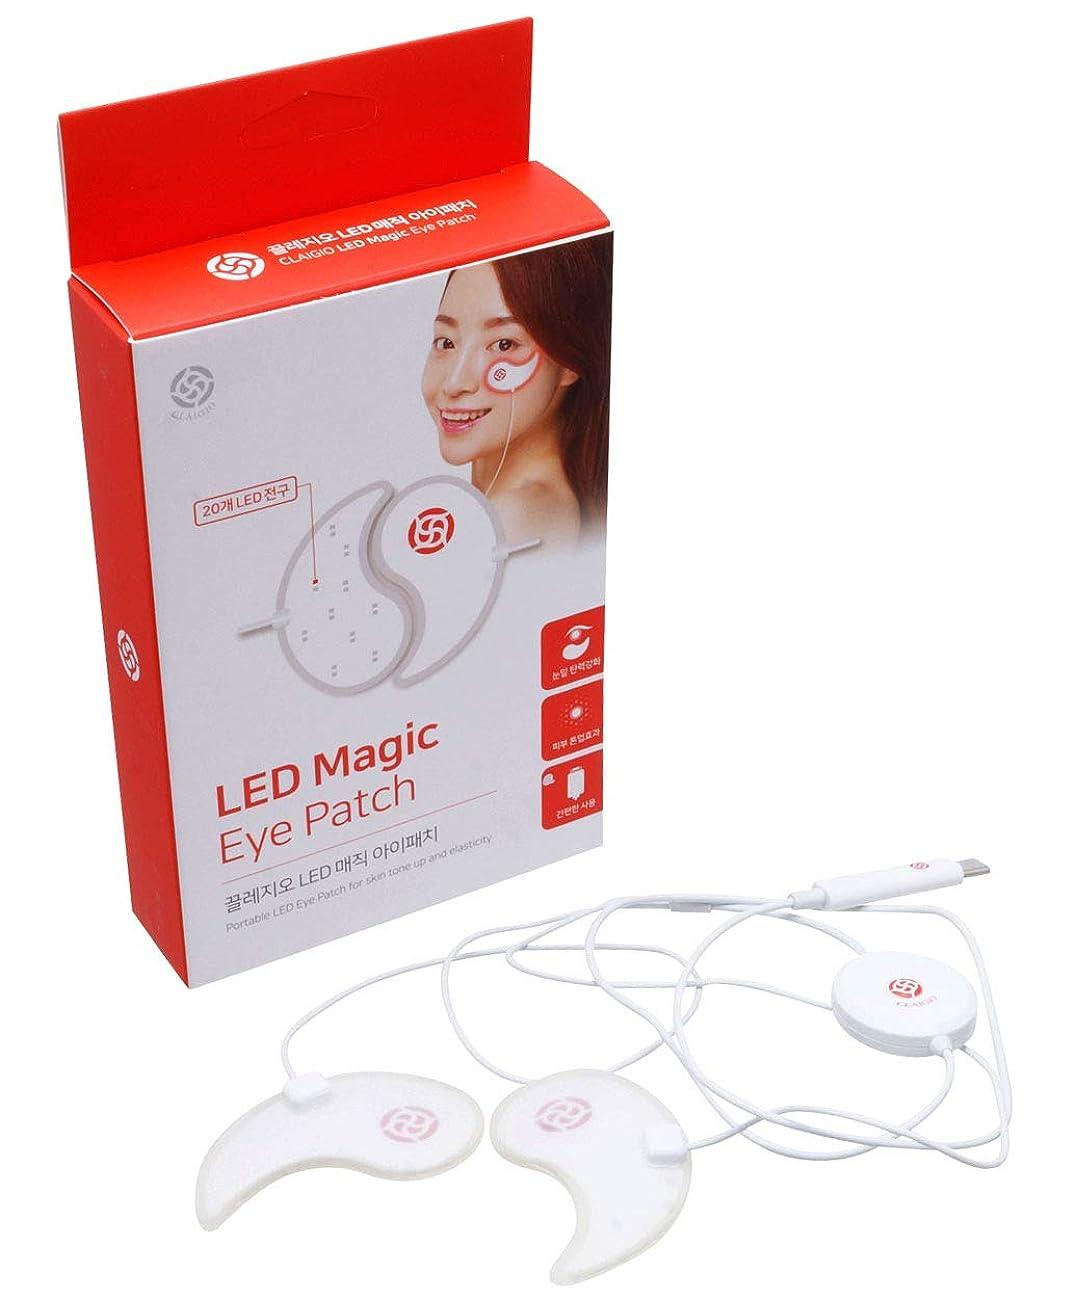 助けて観察する貪欲Claigio フェイシャル ポータブル LED アイパッチ - 携帯用 美顔 マッサージ アイパッチ フェイスケア (光LED ポータブル アイパッチ)